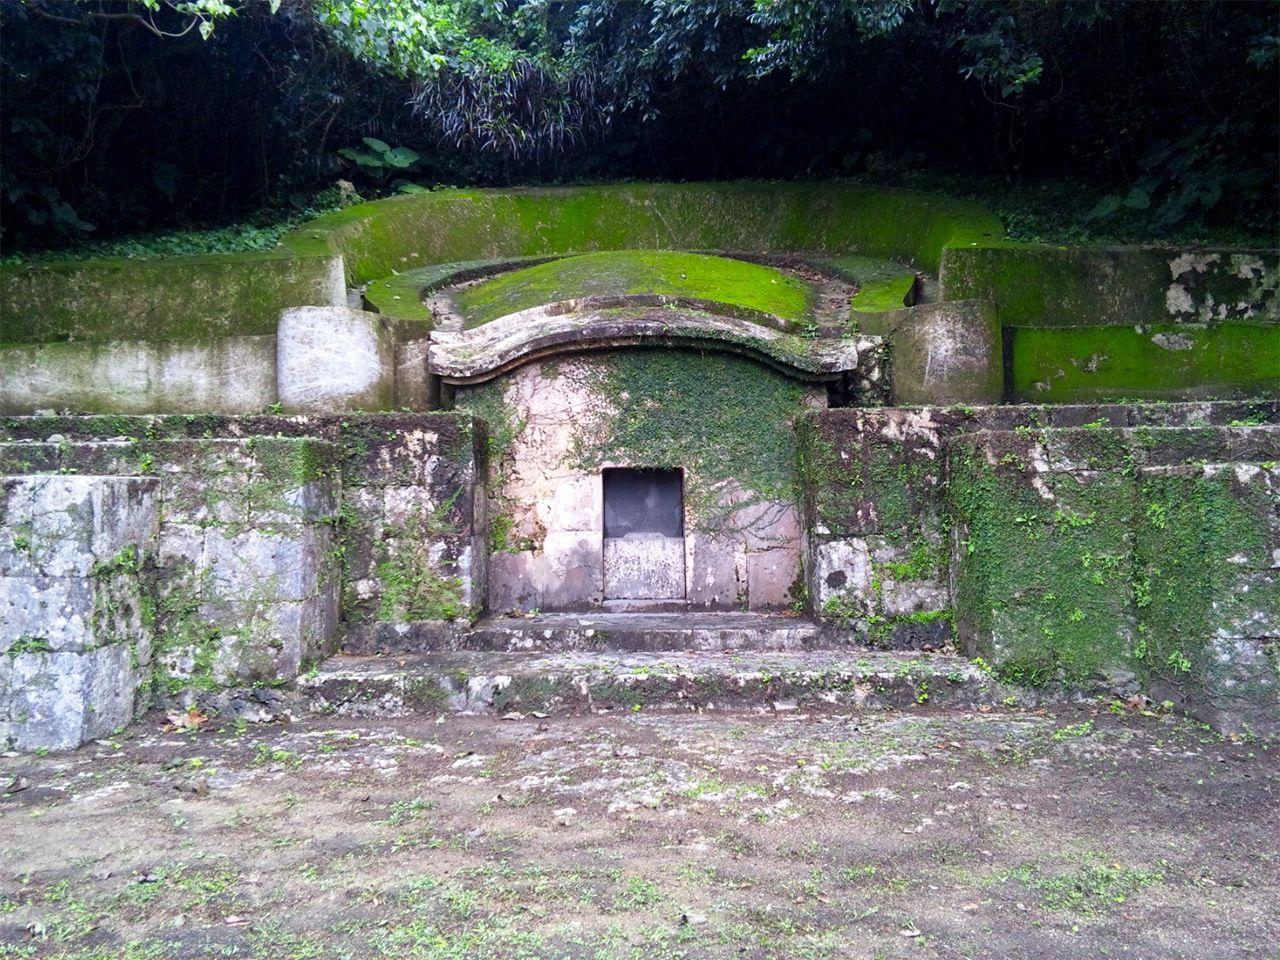 Камэко-бака, «черепаховая могила». Их начали строить на островах во второй половине XVII века. Считается, что они возникли в провинции Фуцзянь. Это не отдельные могилы, а семейные склепы (фото автора)